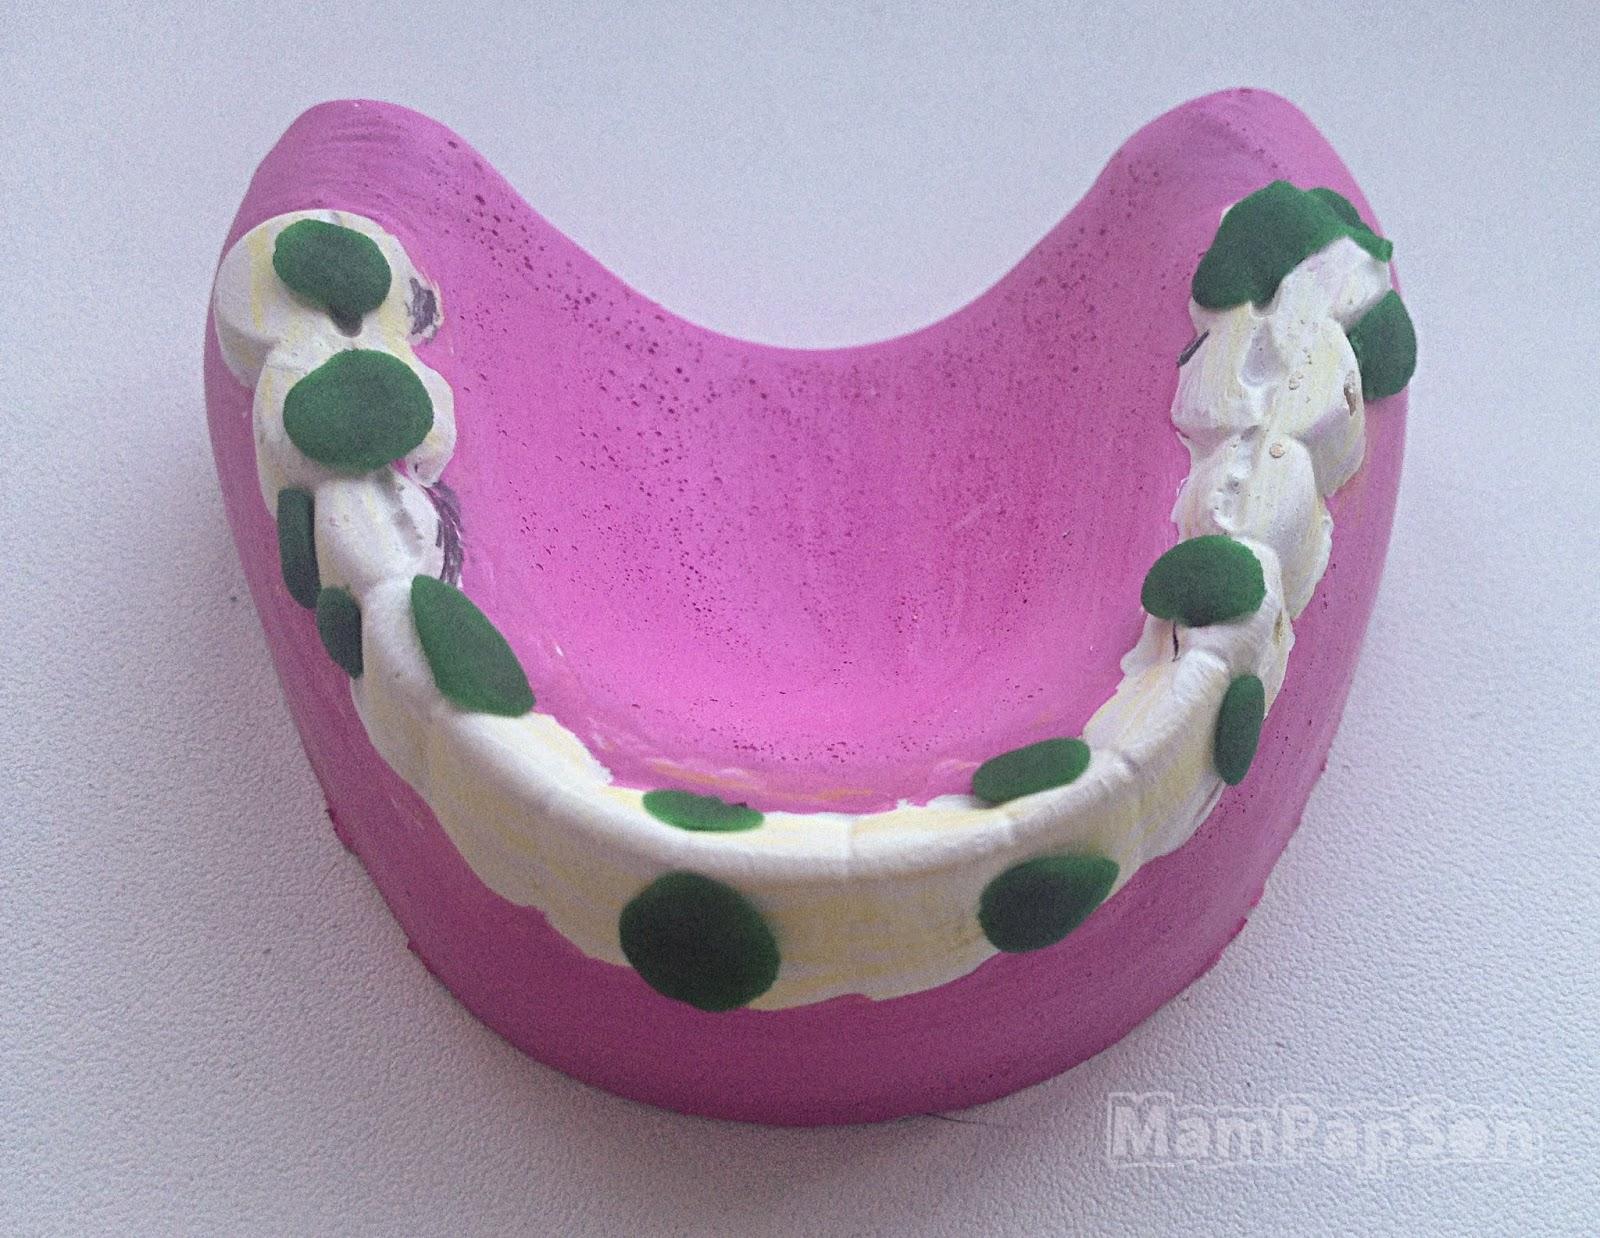 гипсовая челюсть с пломбами